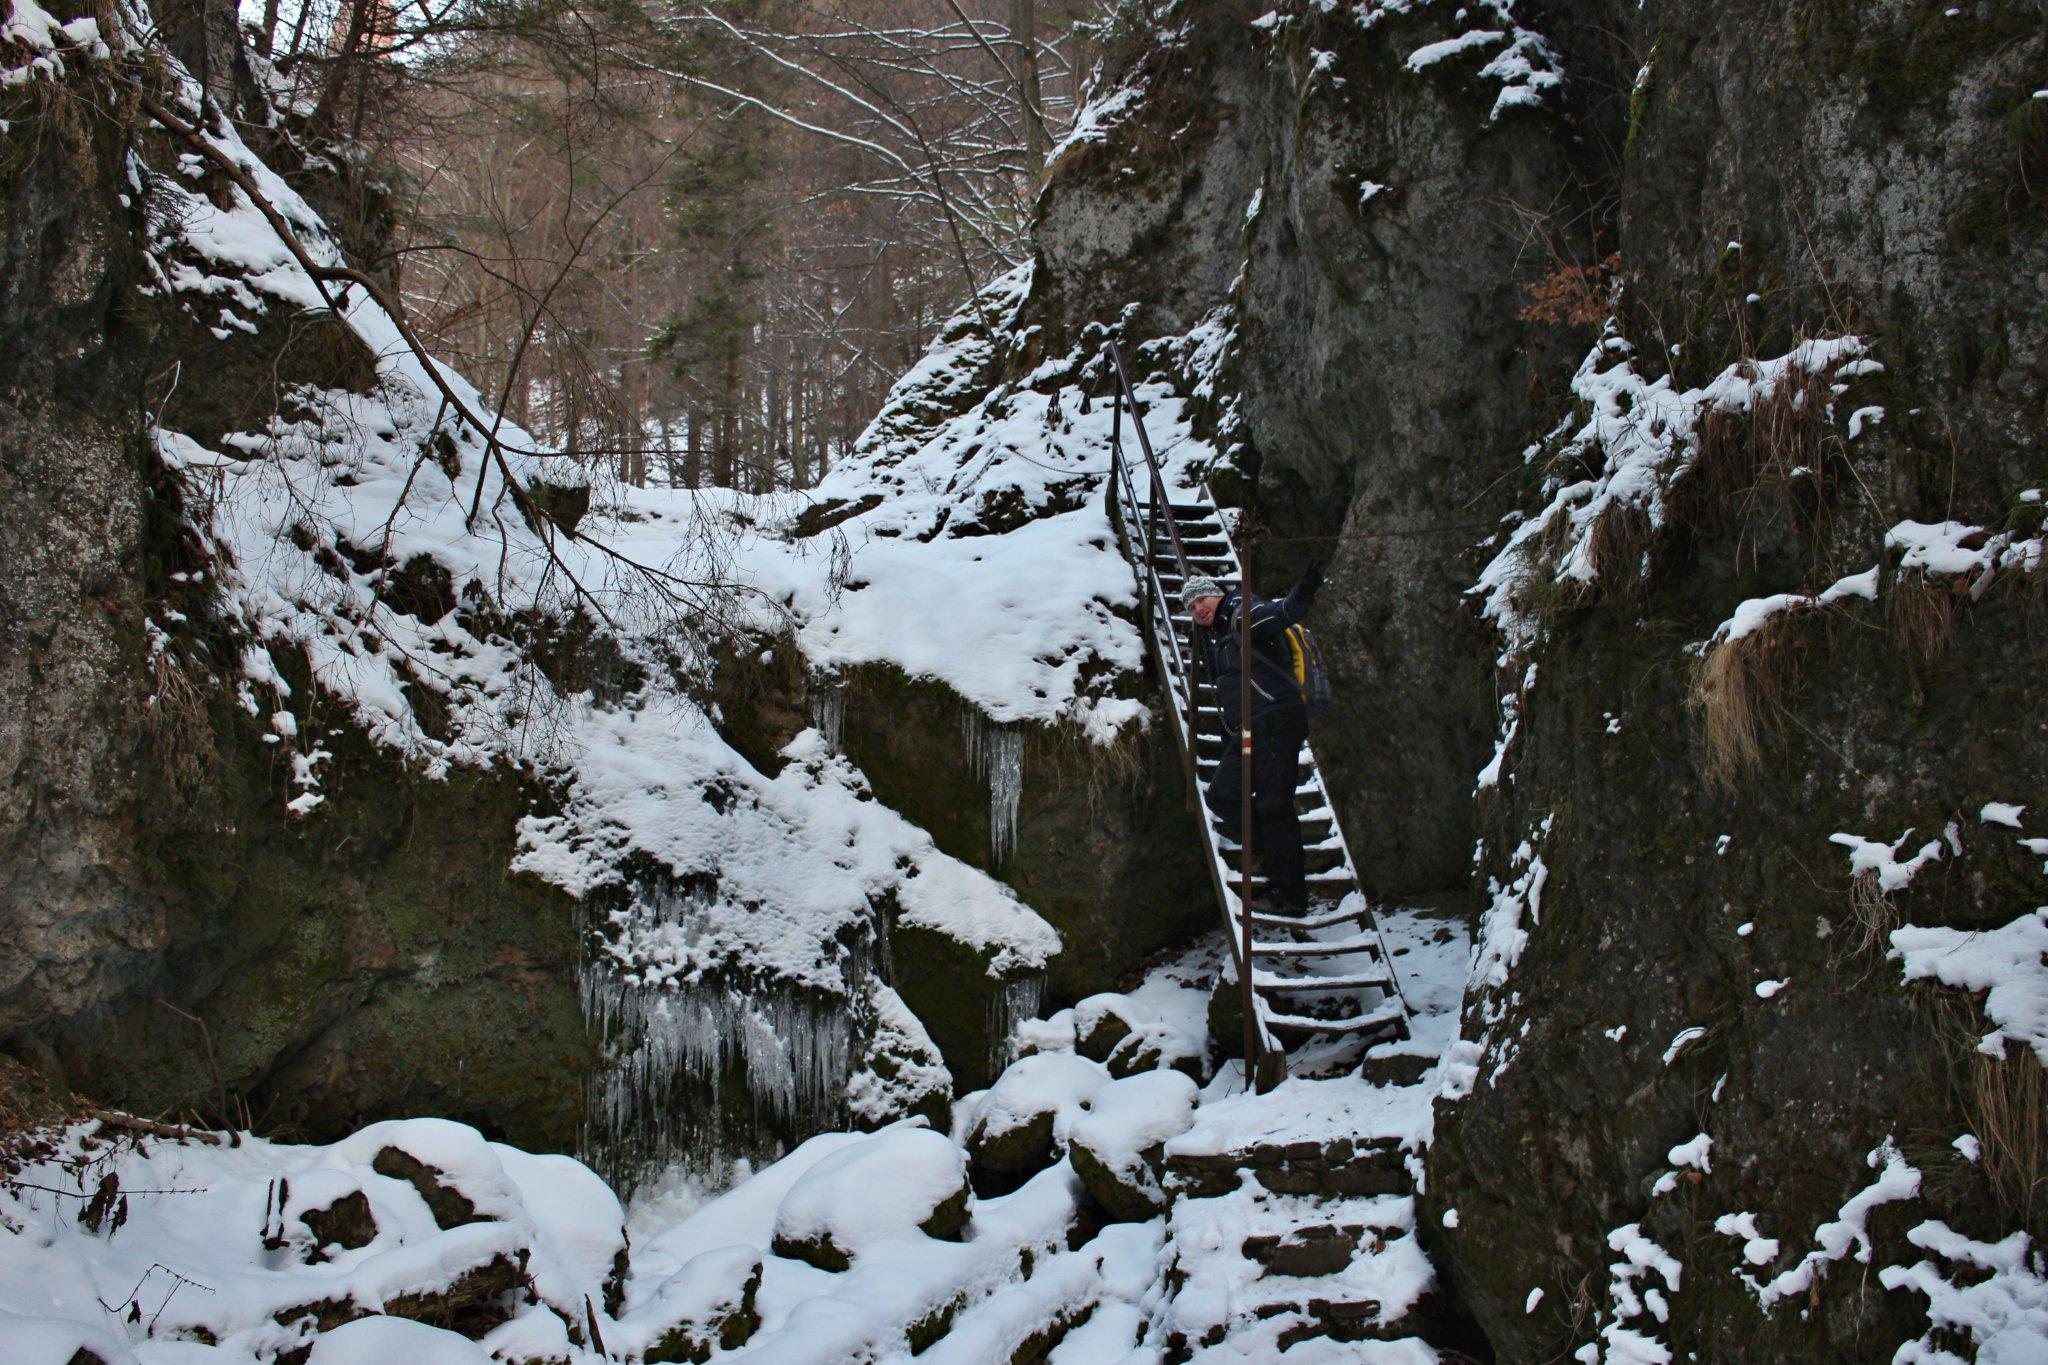 Lačnovský canyon, Lipovce, Prešov region, Slovakia - 03